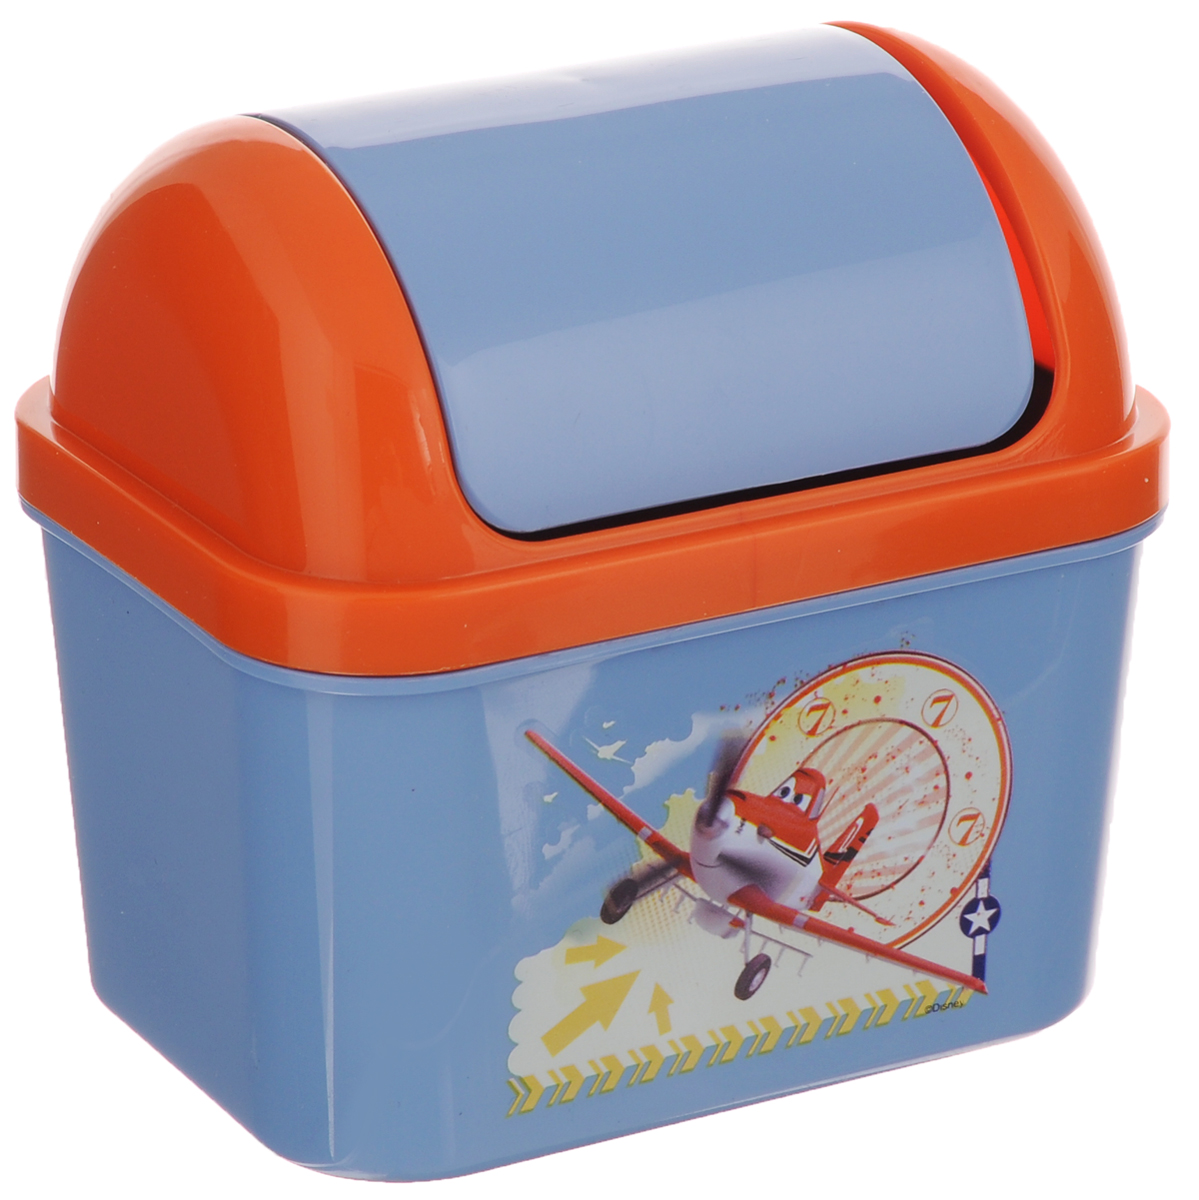 """Детский контейнер для мусора Полимербыт """"Тачки-самолеты"""" выполнен из высококачественного пластика и украшен изображением героя мультфильма. Изделие оснащено плавающей крышкой. Такой контейнер подойдет для выбрасывания небольших отходов, таких как бумага, стружка карандаша, фантики. Размер контейнера (с учетом крышки): 11,5 х 8 х 15 см. Размер контейнера (без учета крышки): 11,5 х 8 х 11 см."""